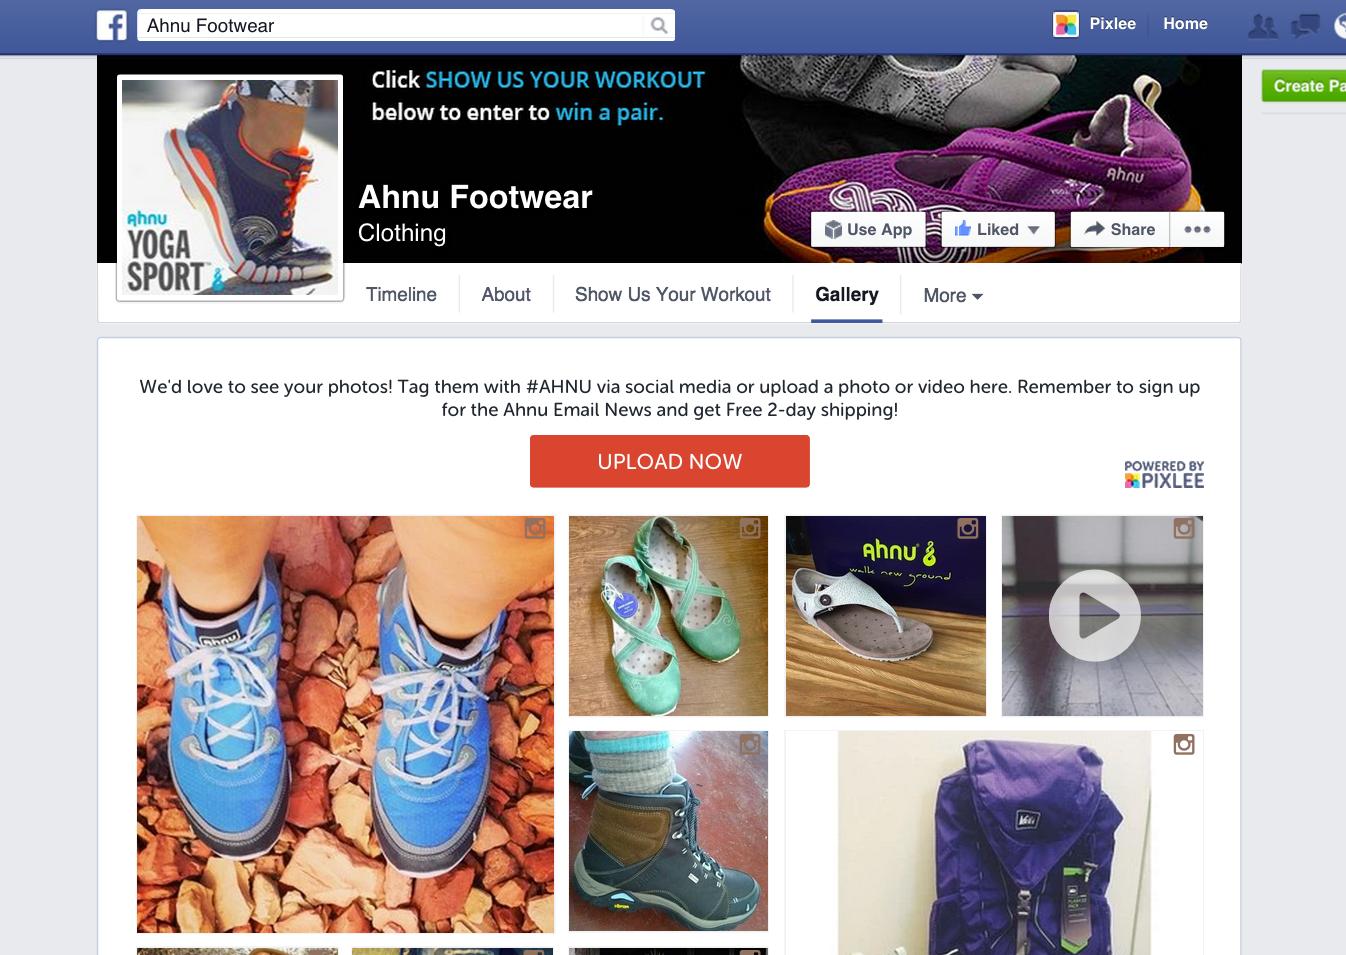 Ahnu Has a very popular facebook page